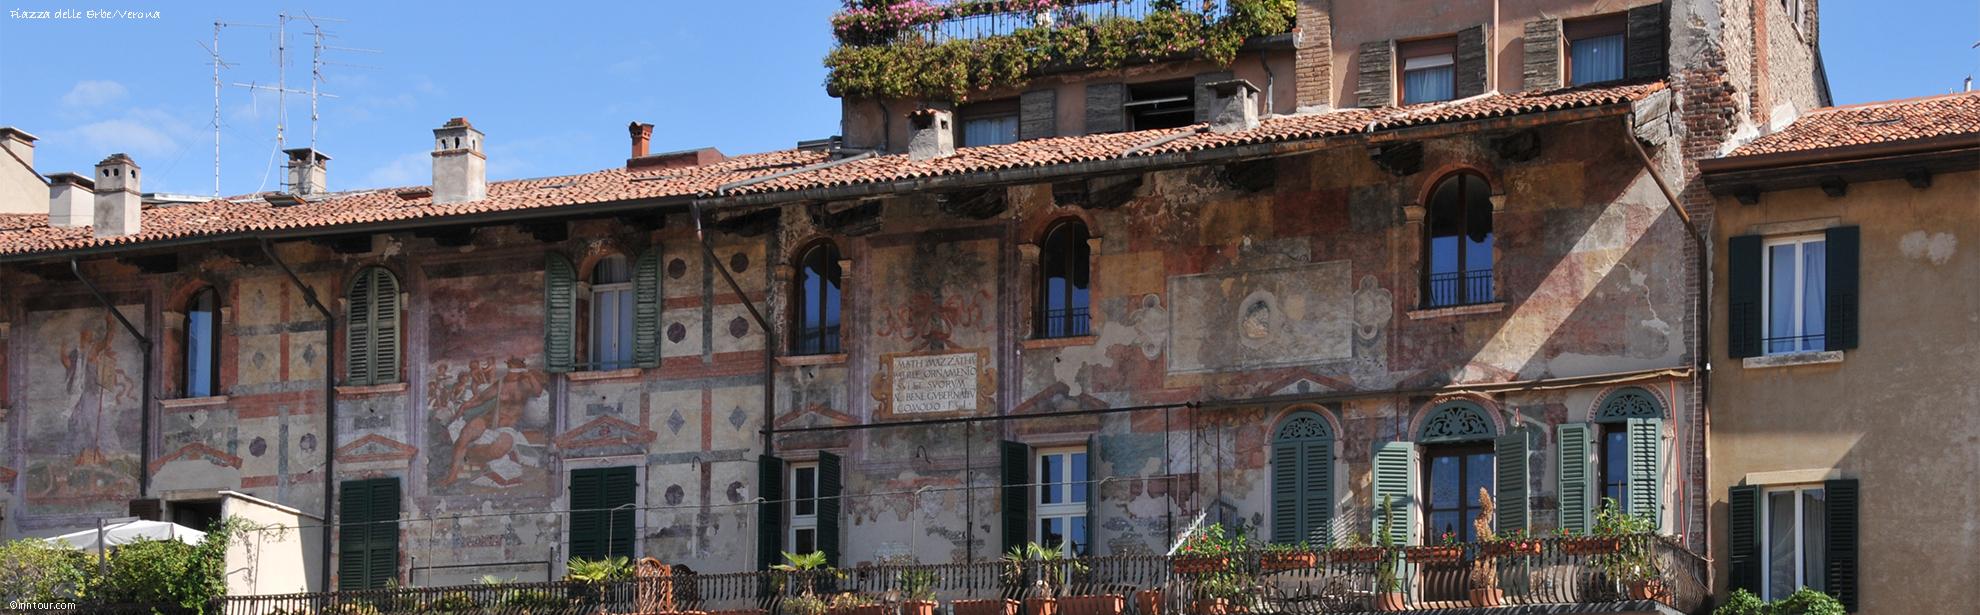 Osportinntour_Piazza-delle-Erbe_Verona_DSC_0997